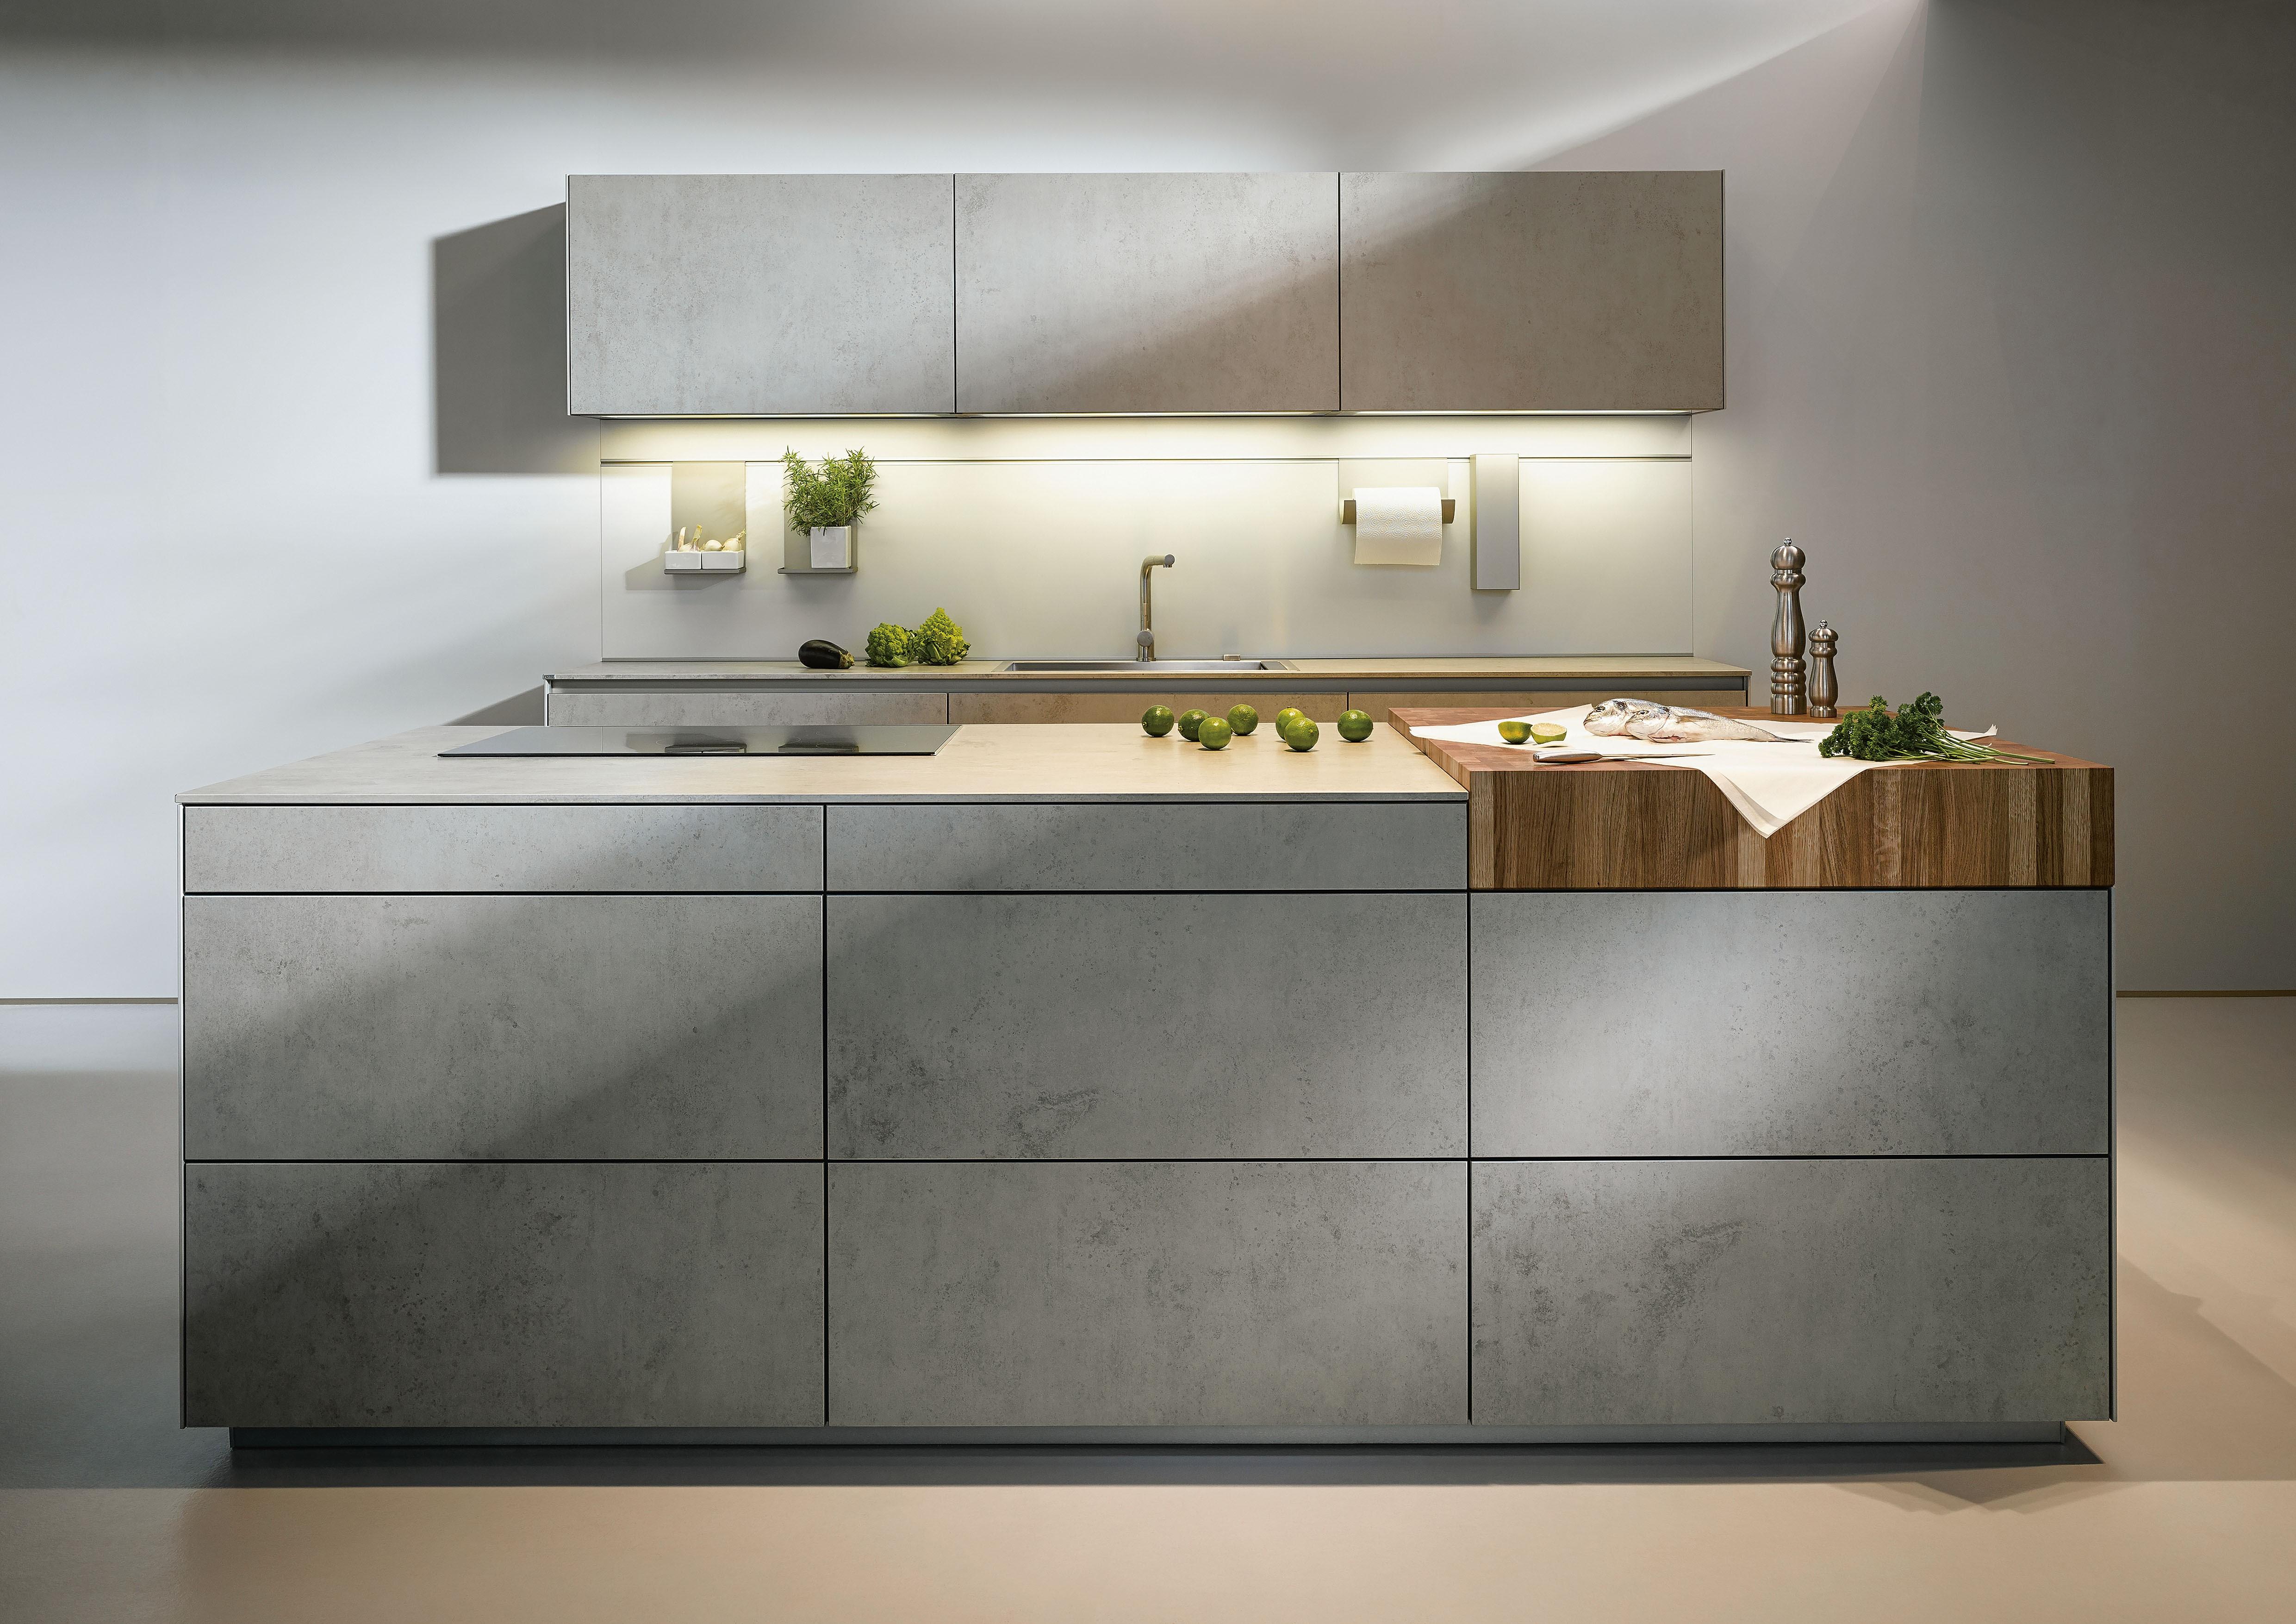 Zum Verlieben – Die neuen Lifestyle-Wohnküchen - AMK ...